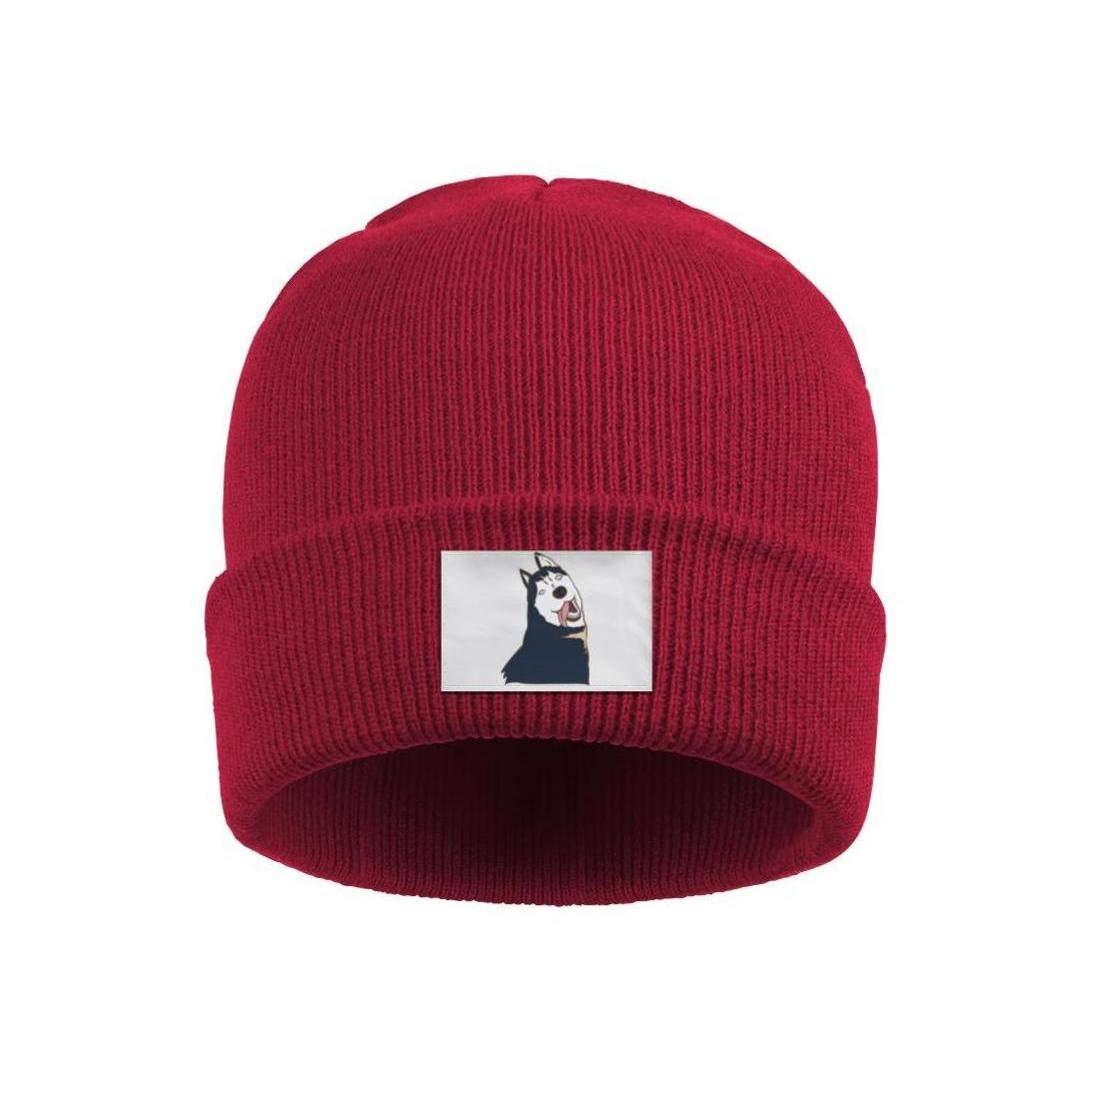 Winter Beanie Hat Red Lobster Knit Skull Cap for Men Women